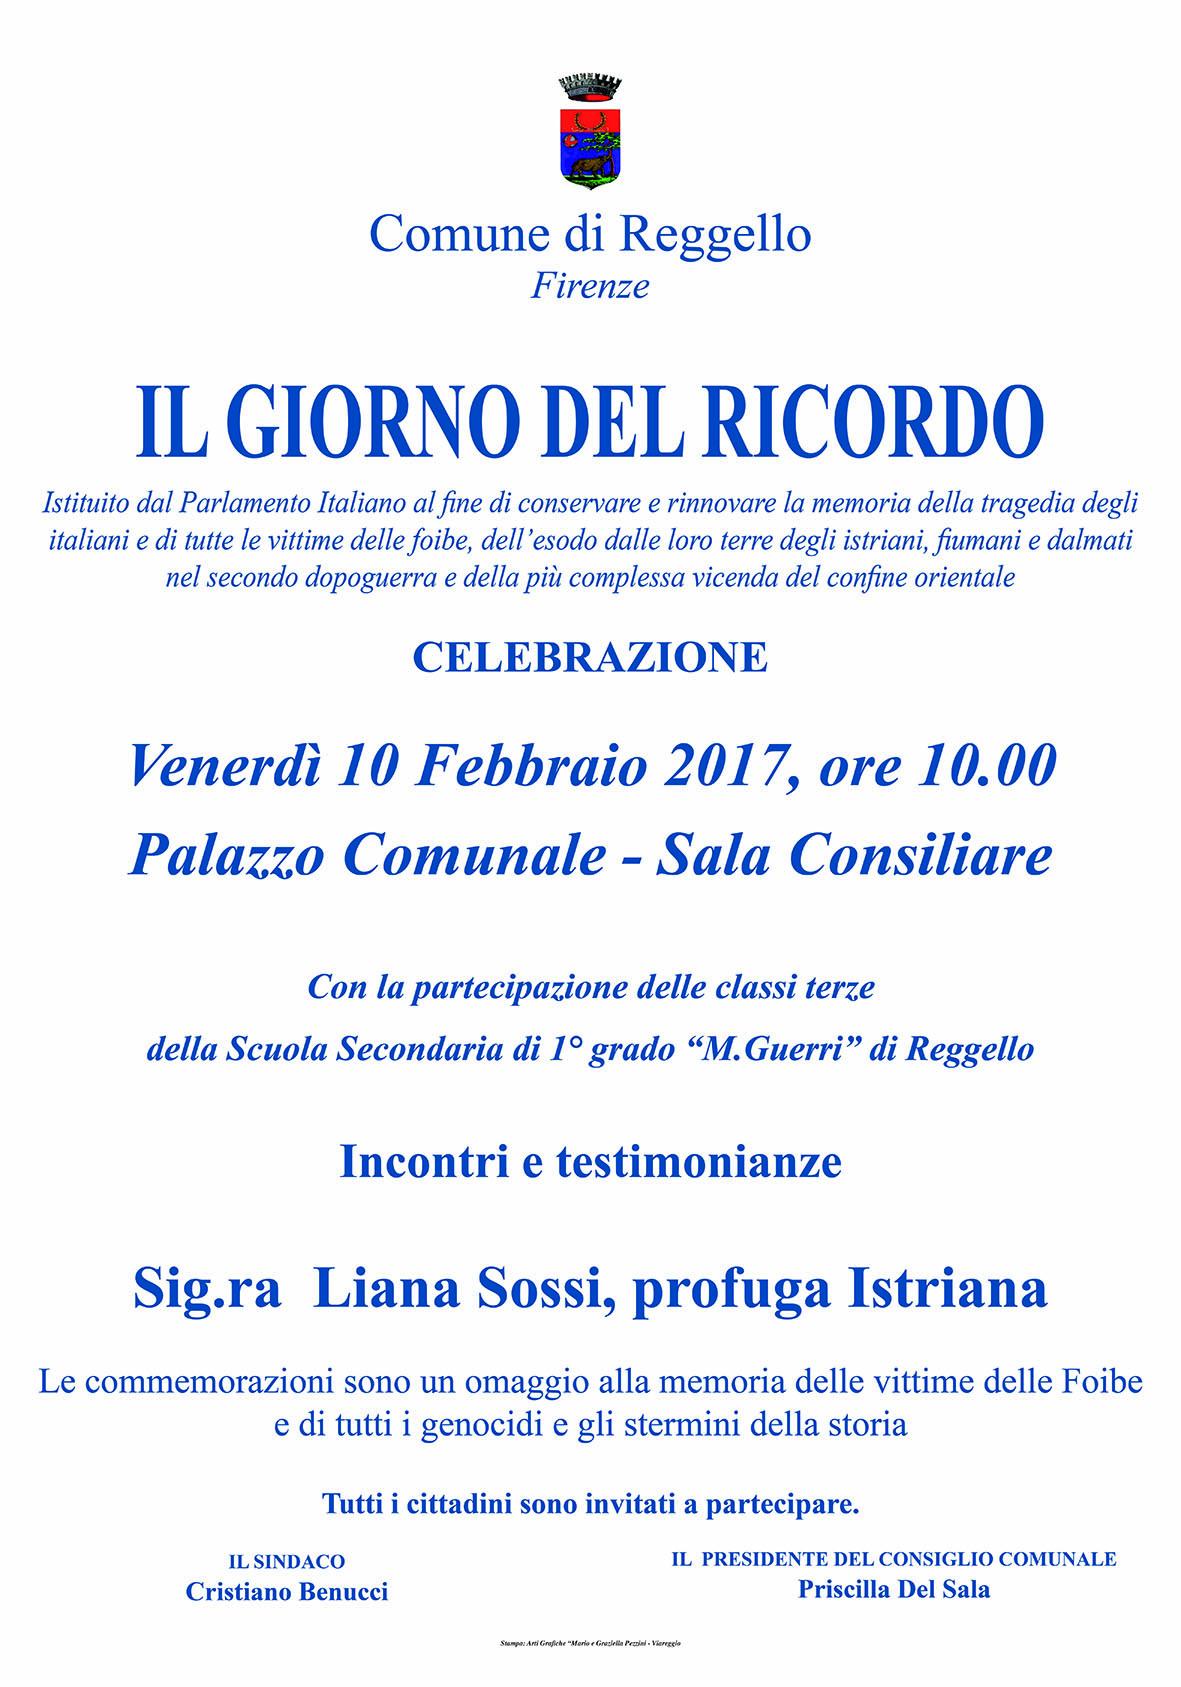 Il 10 febbraio il comune di Reggello celebra Il Giorno del Ricordo